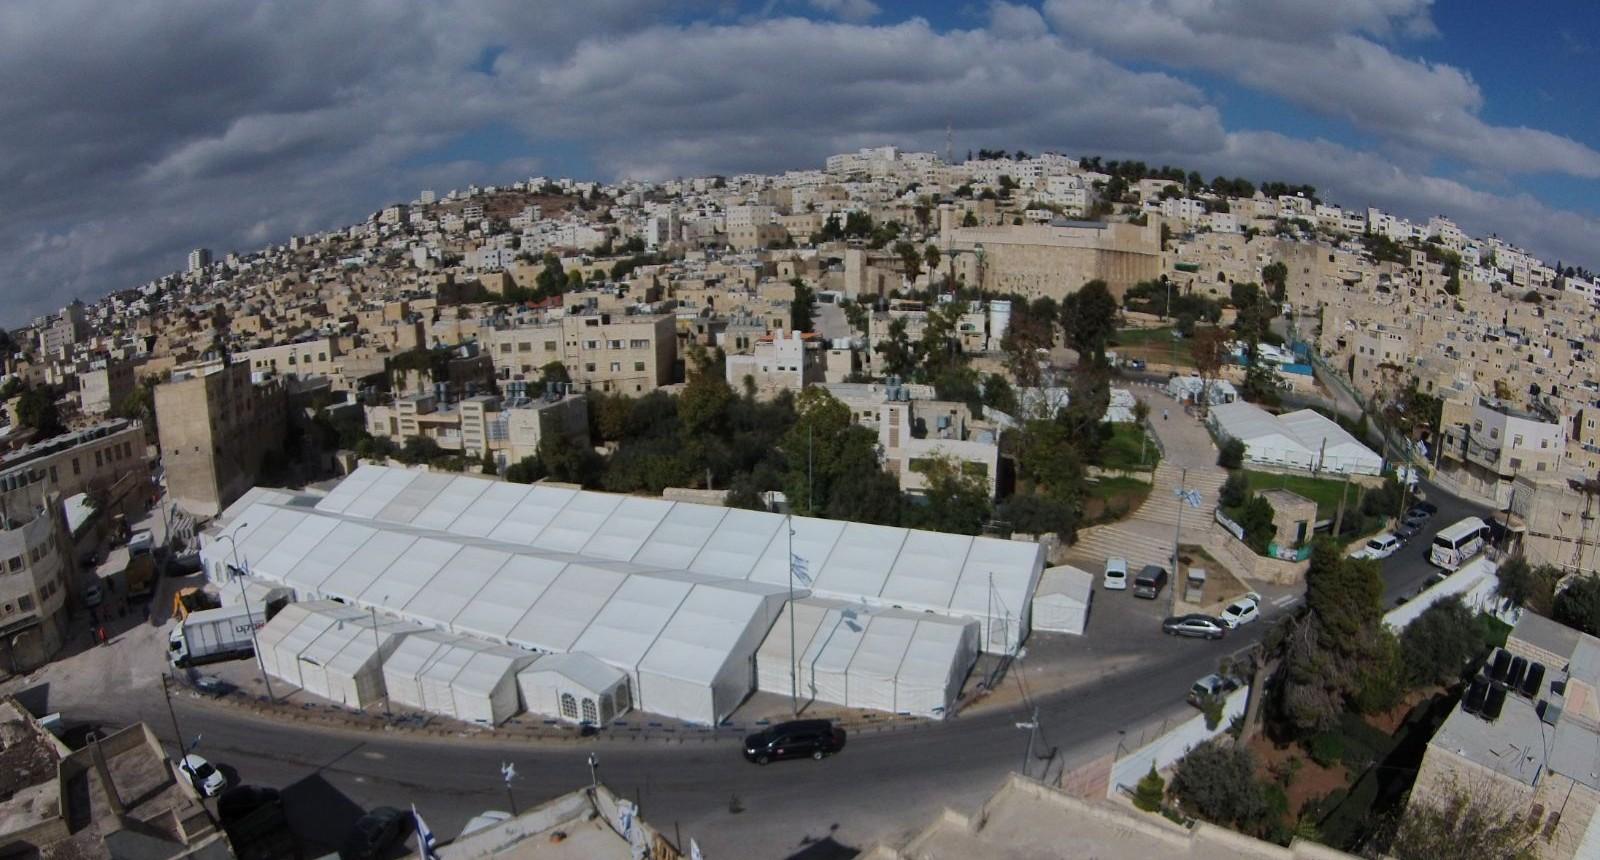 האוהלים שהוקמו בסמוך למערה